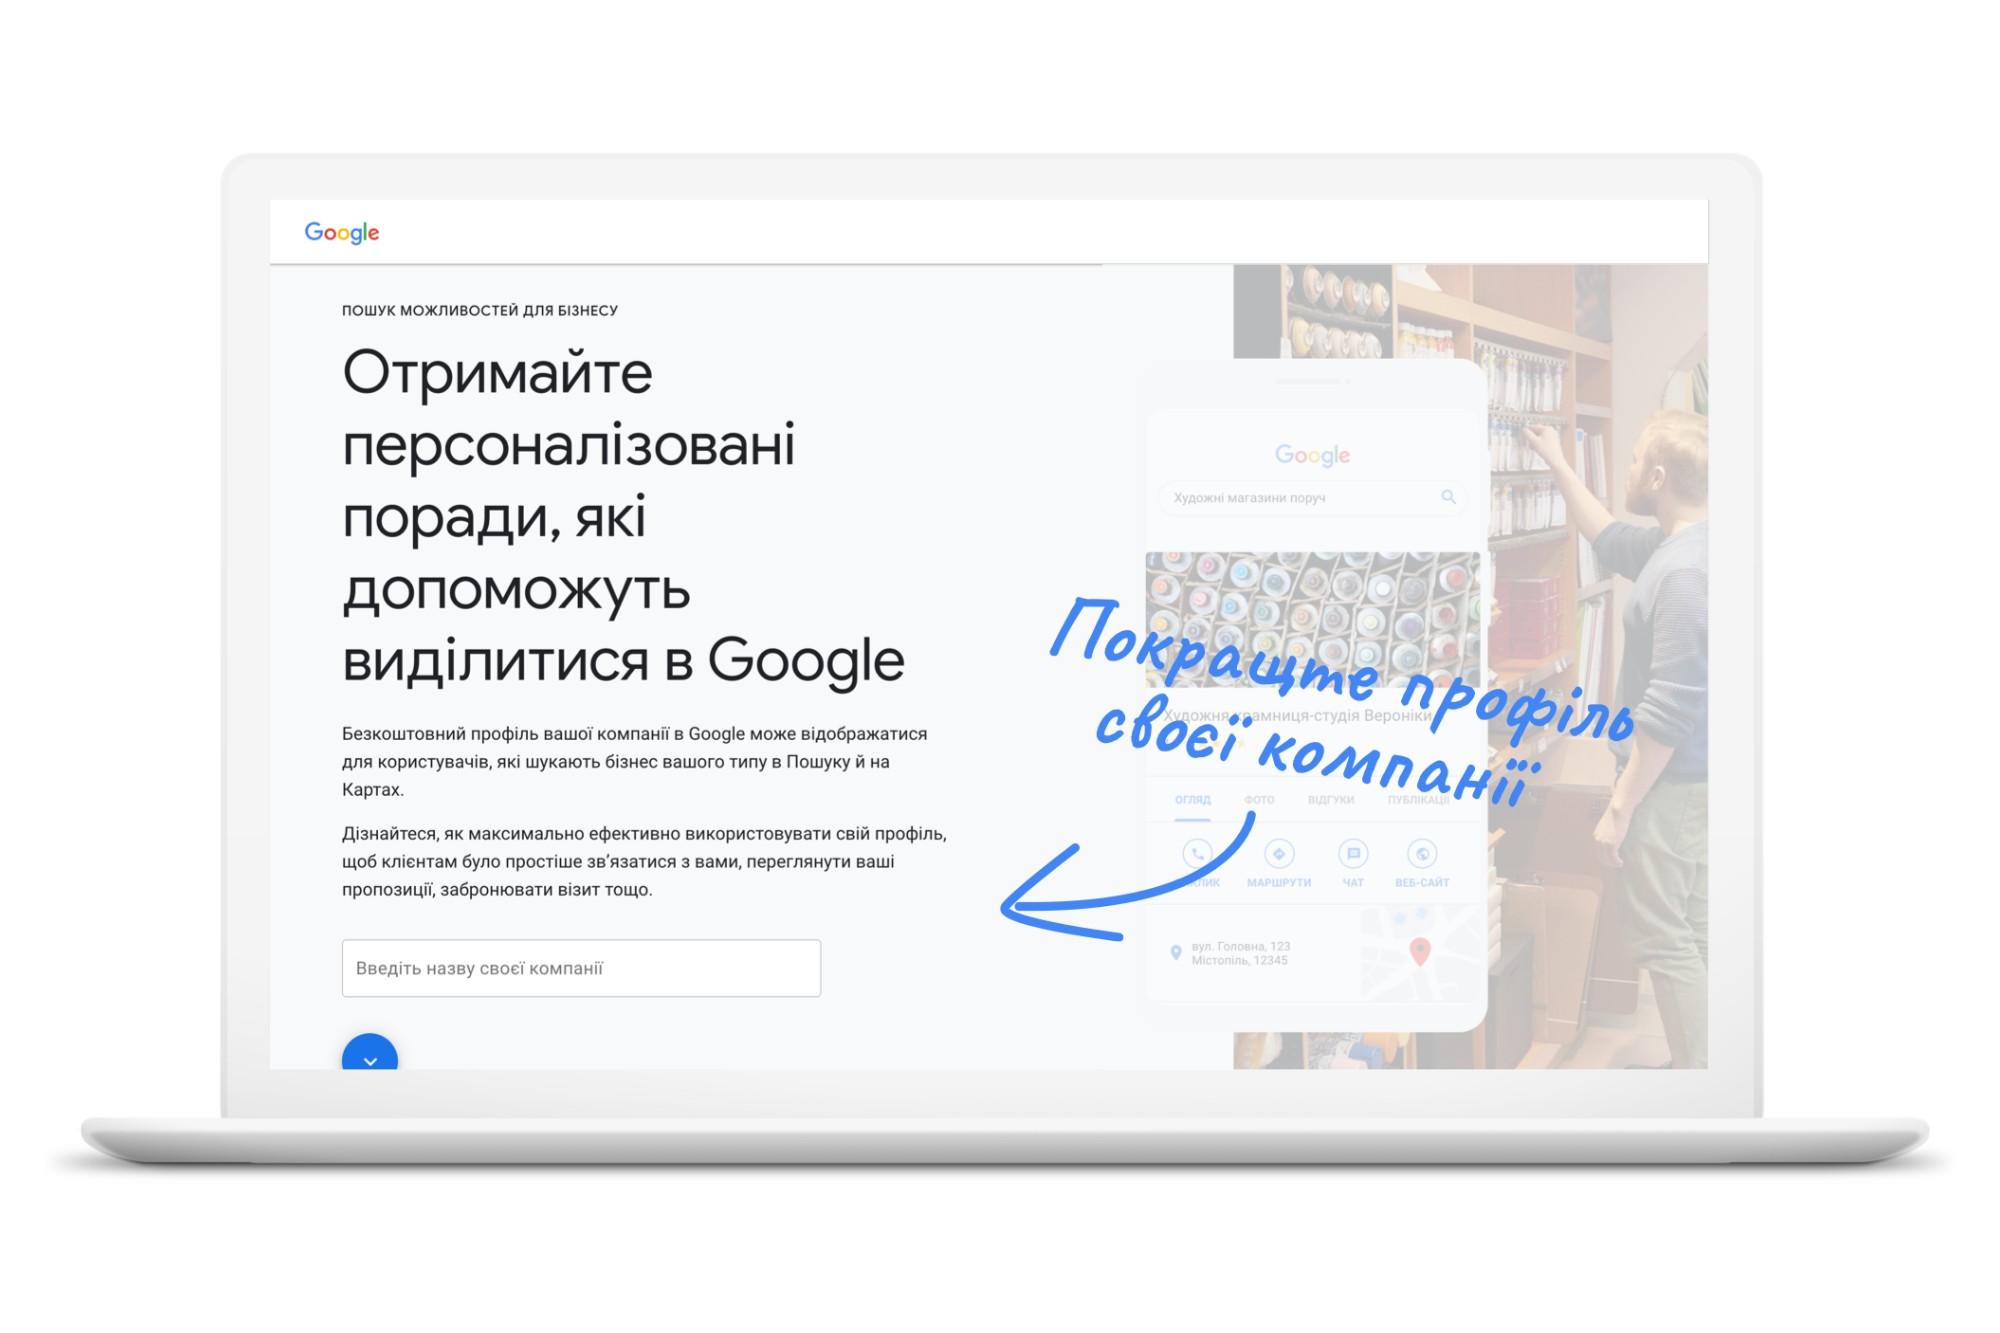 Google запускає в Україні нові програми та інструменти для підприємців в рамках сприяння економічному розвитку країни - ITC.ua